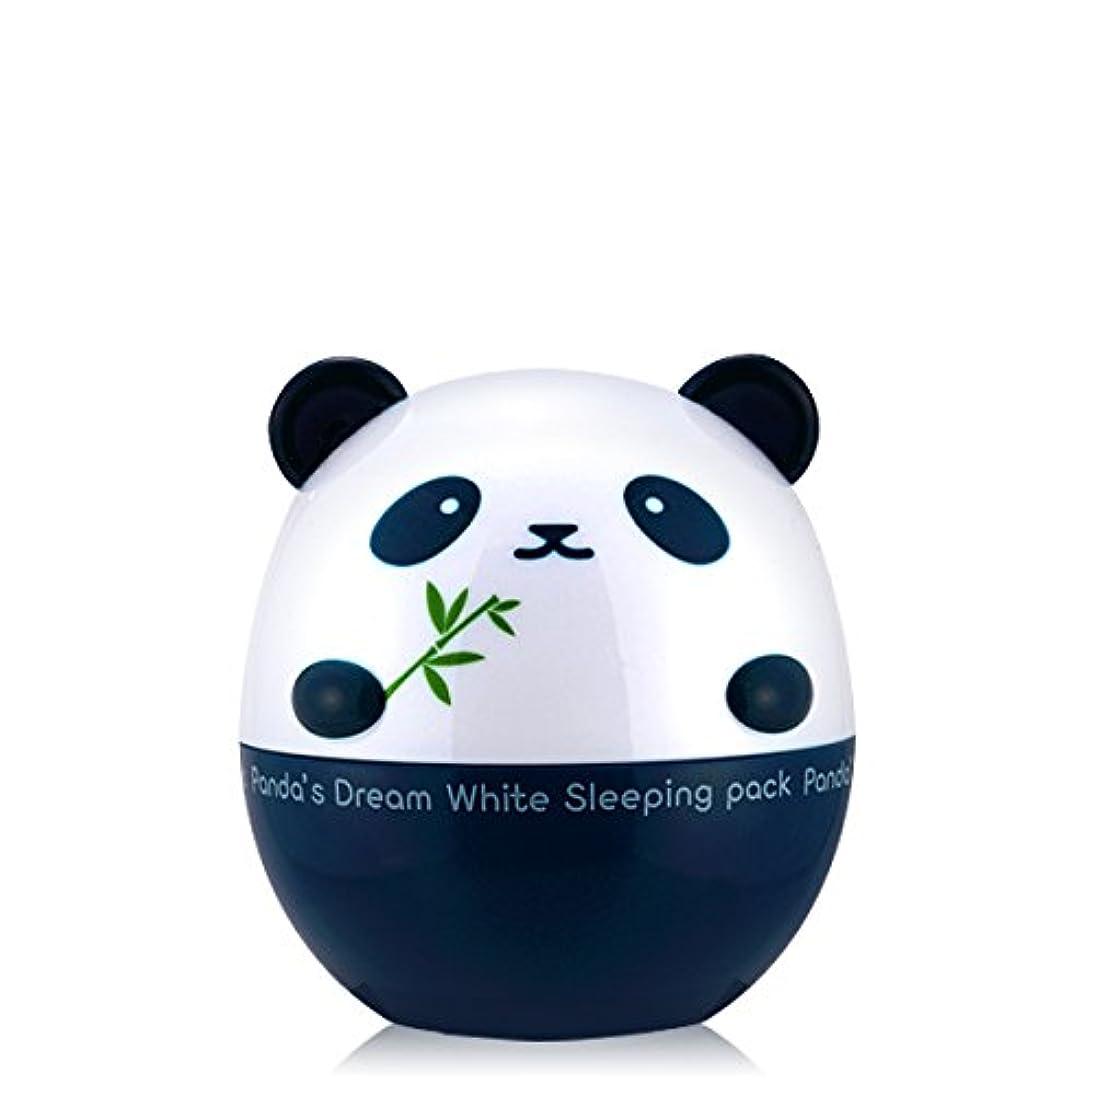 許可打たれたトラック葉を集める[1+1] TONY MOLY Panda's Dream White Sleeping Pack 50g / トニーモリーパンダーズドリームホワイトスリーピングパック50g / 1.76oz [並行輸入品]